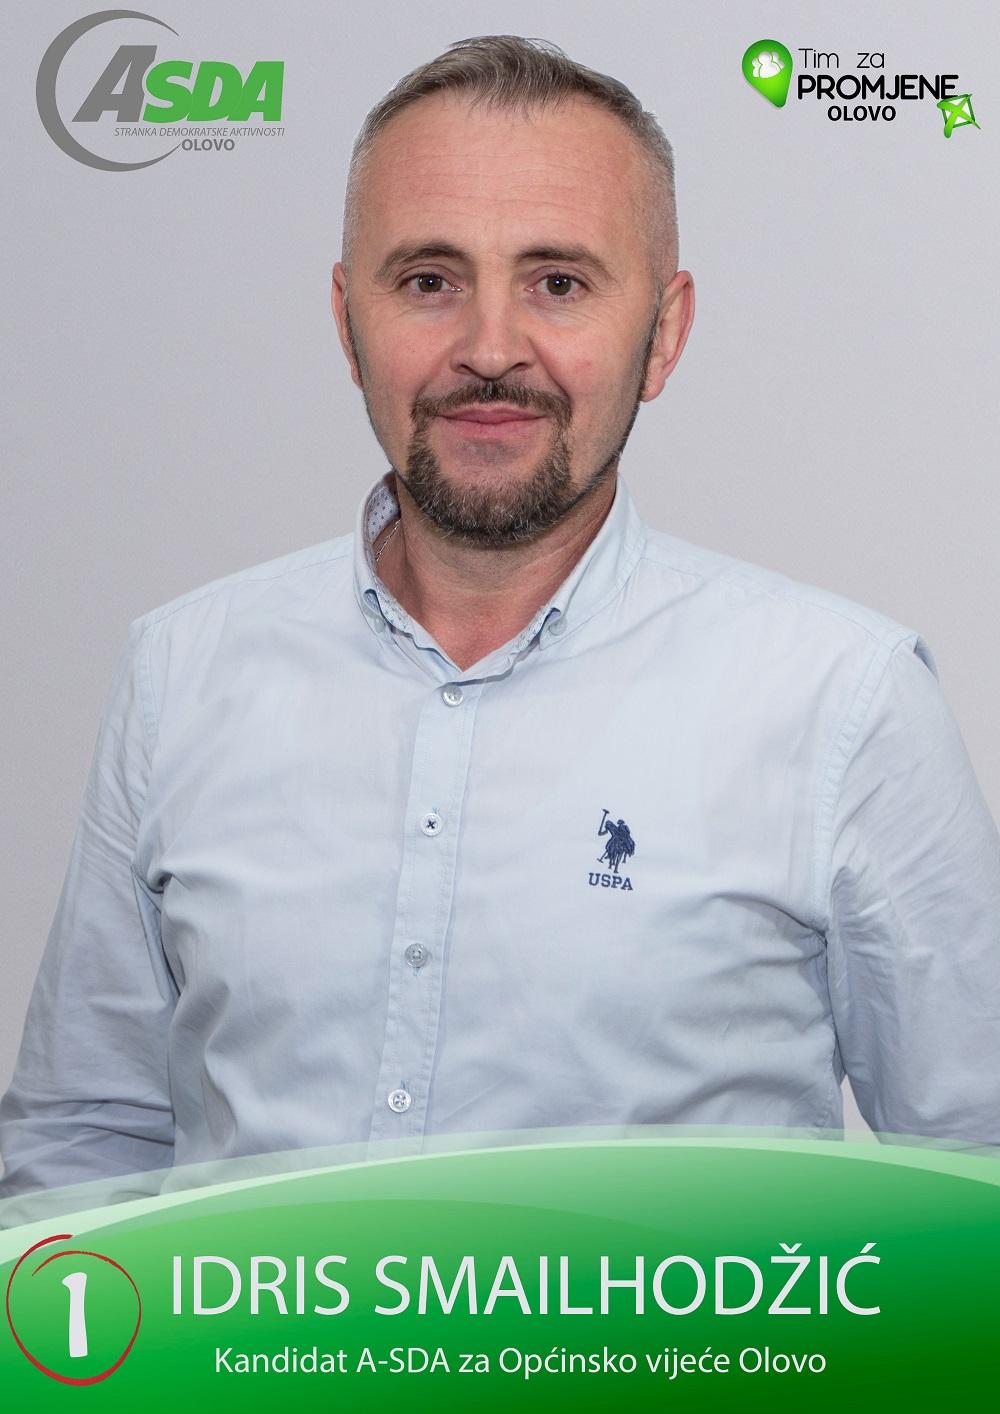 Idris Smailhodžić